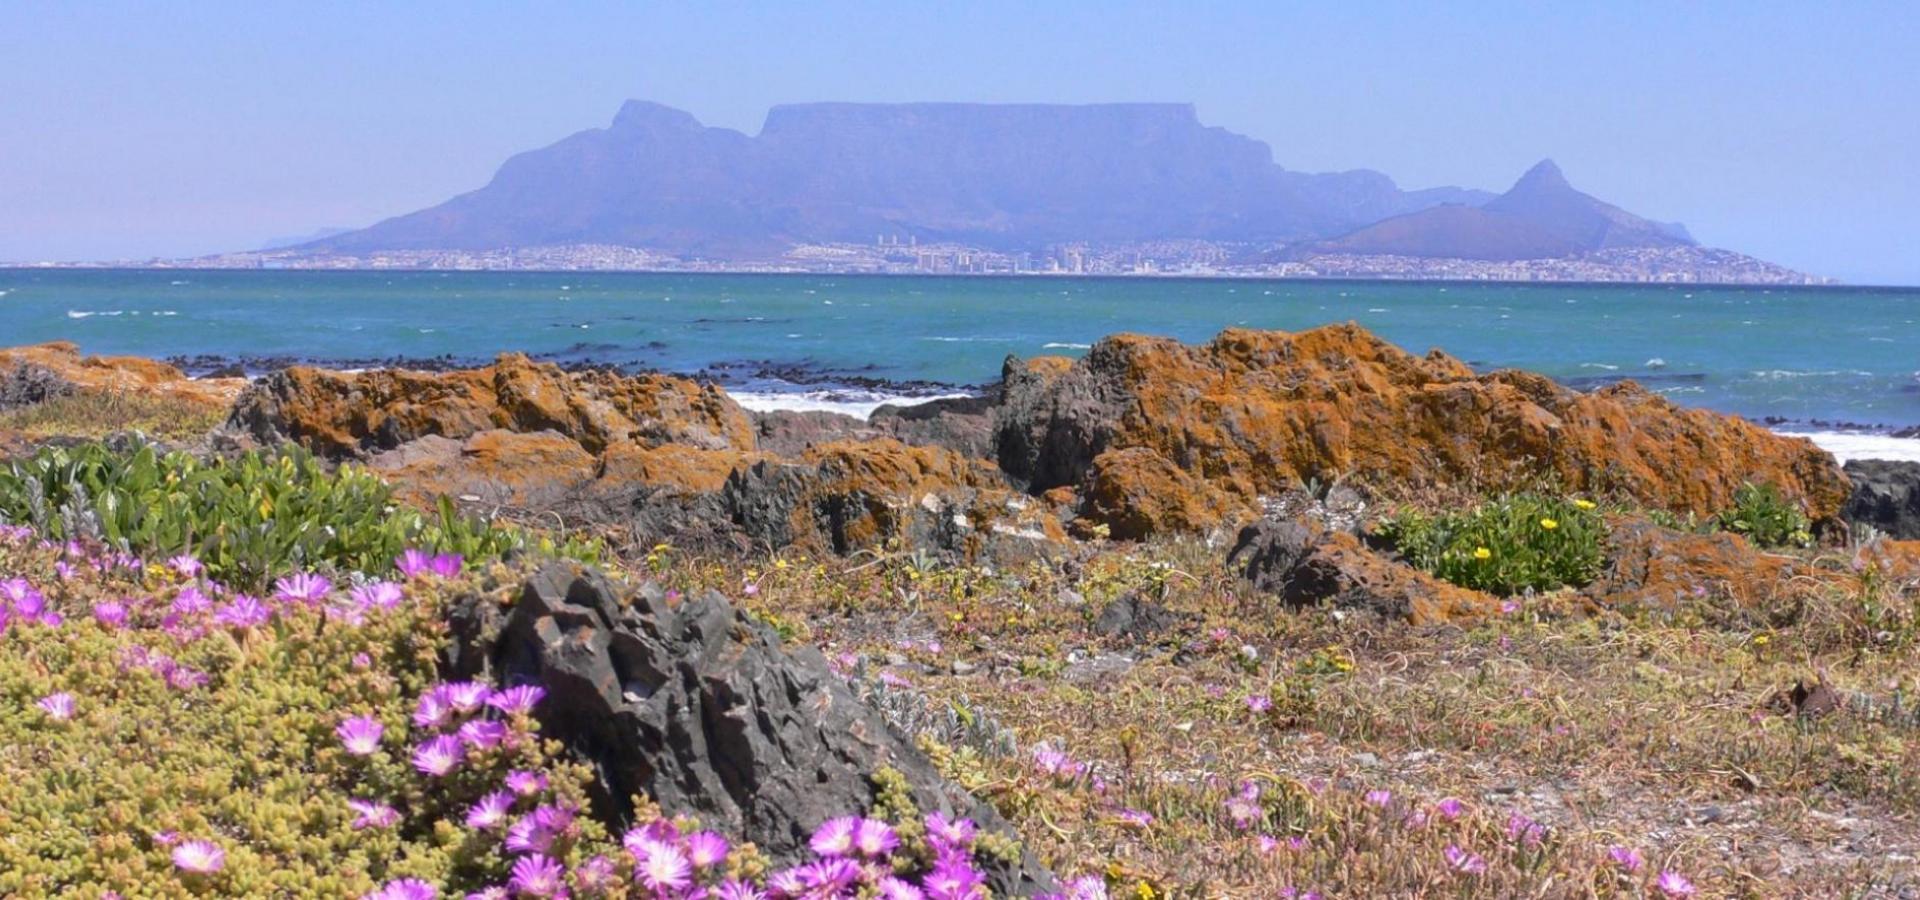 Afrika Reise: Kapstadt mit dem Tafelberg und die Kapregion entdecken